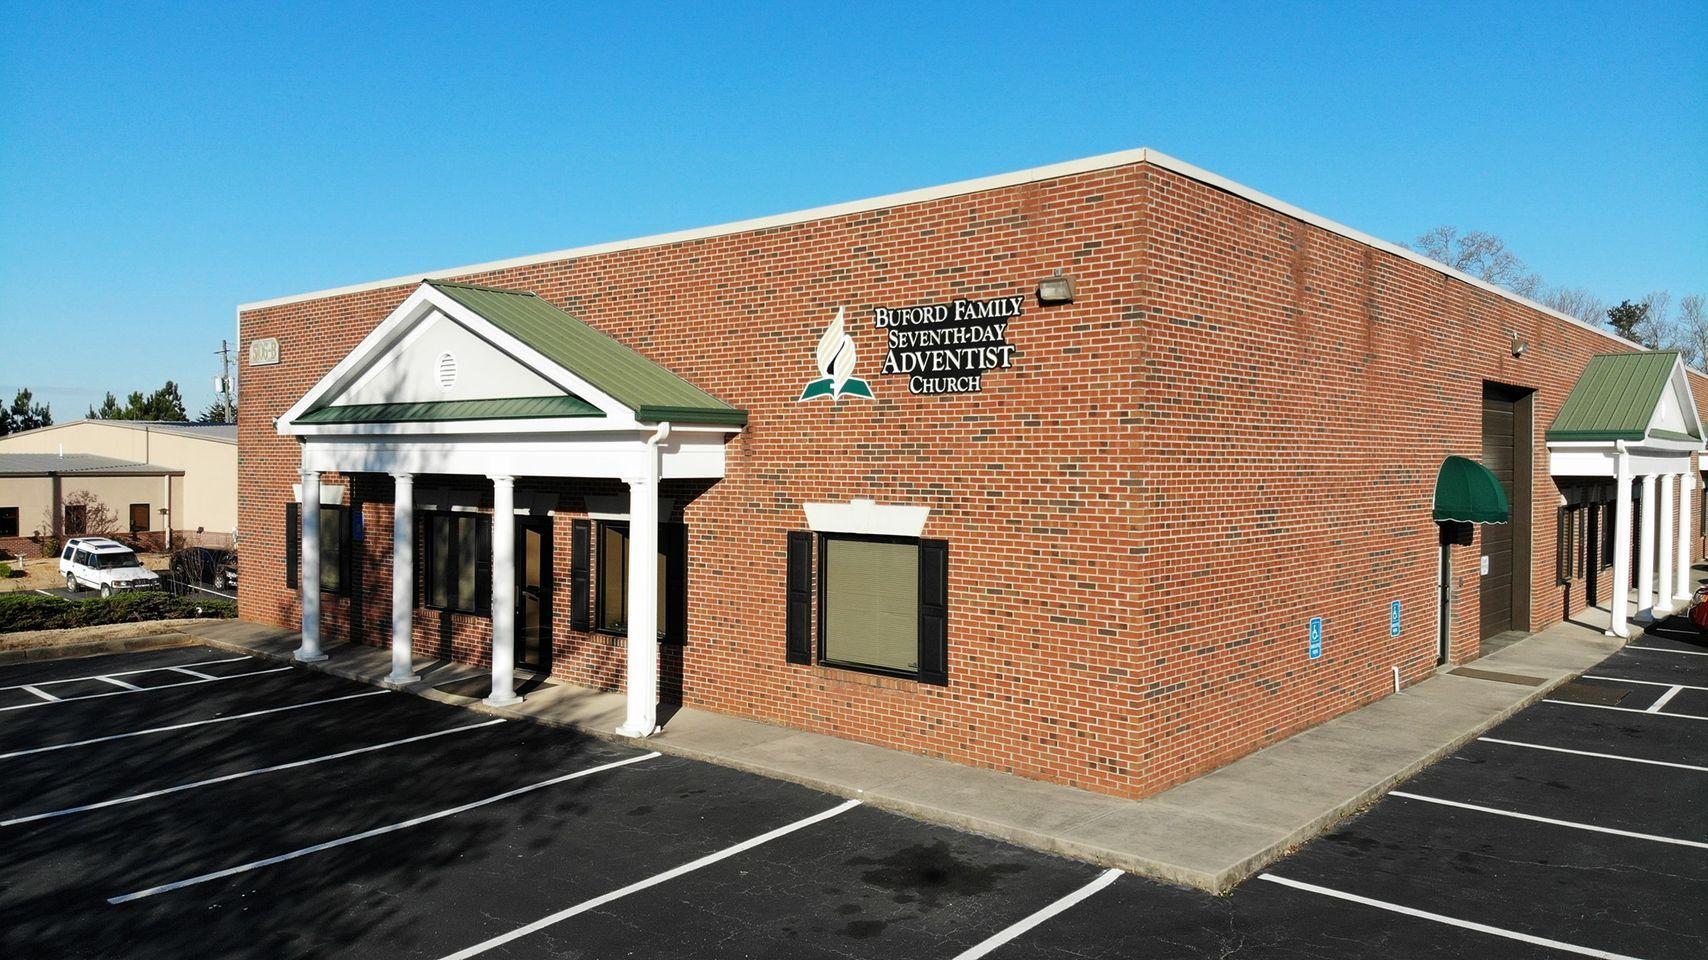 Buford Family Community Center